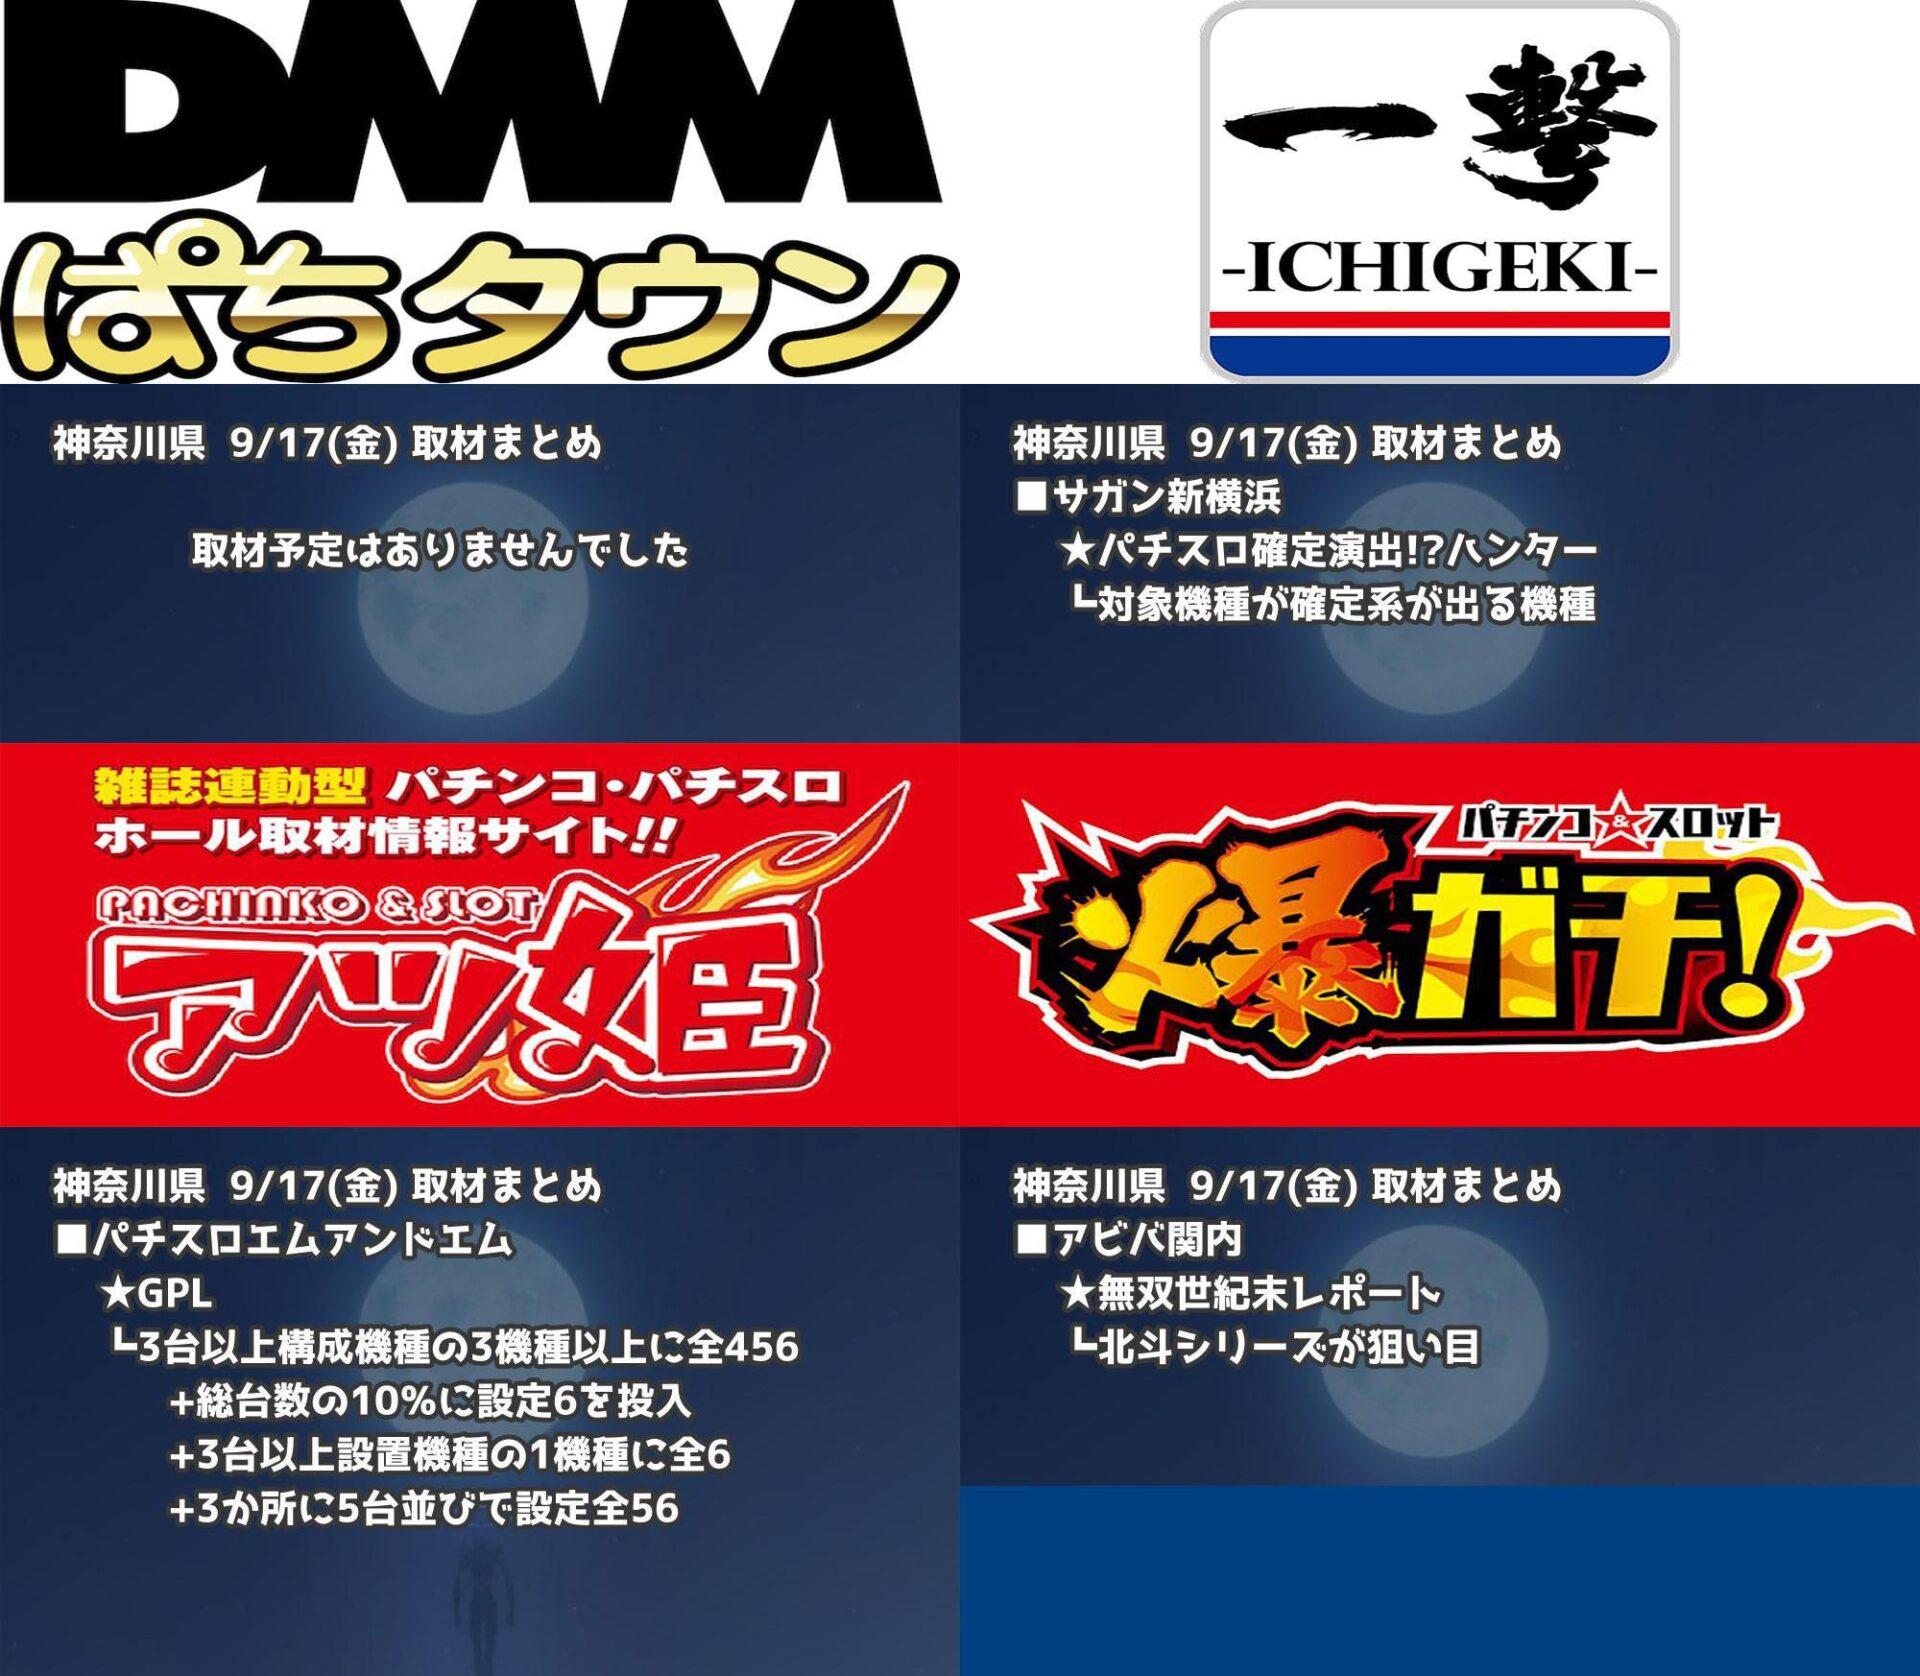 神奈川県_2021-09-17_パチンコ・パチスロ_イベント